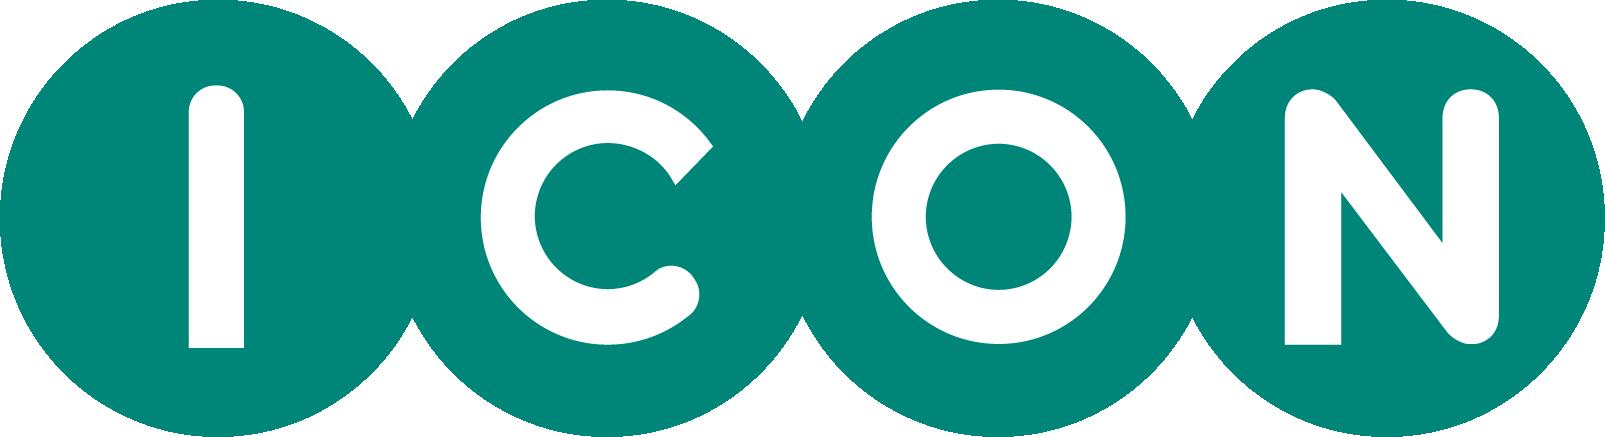 icon-plc-logo